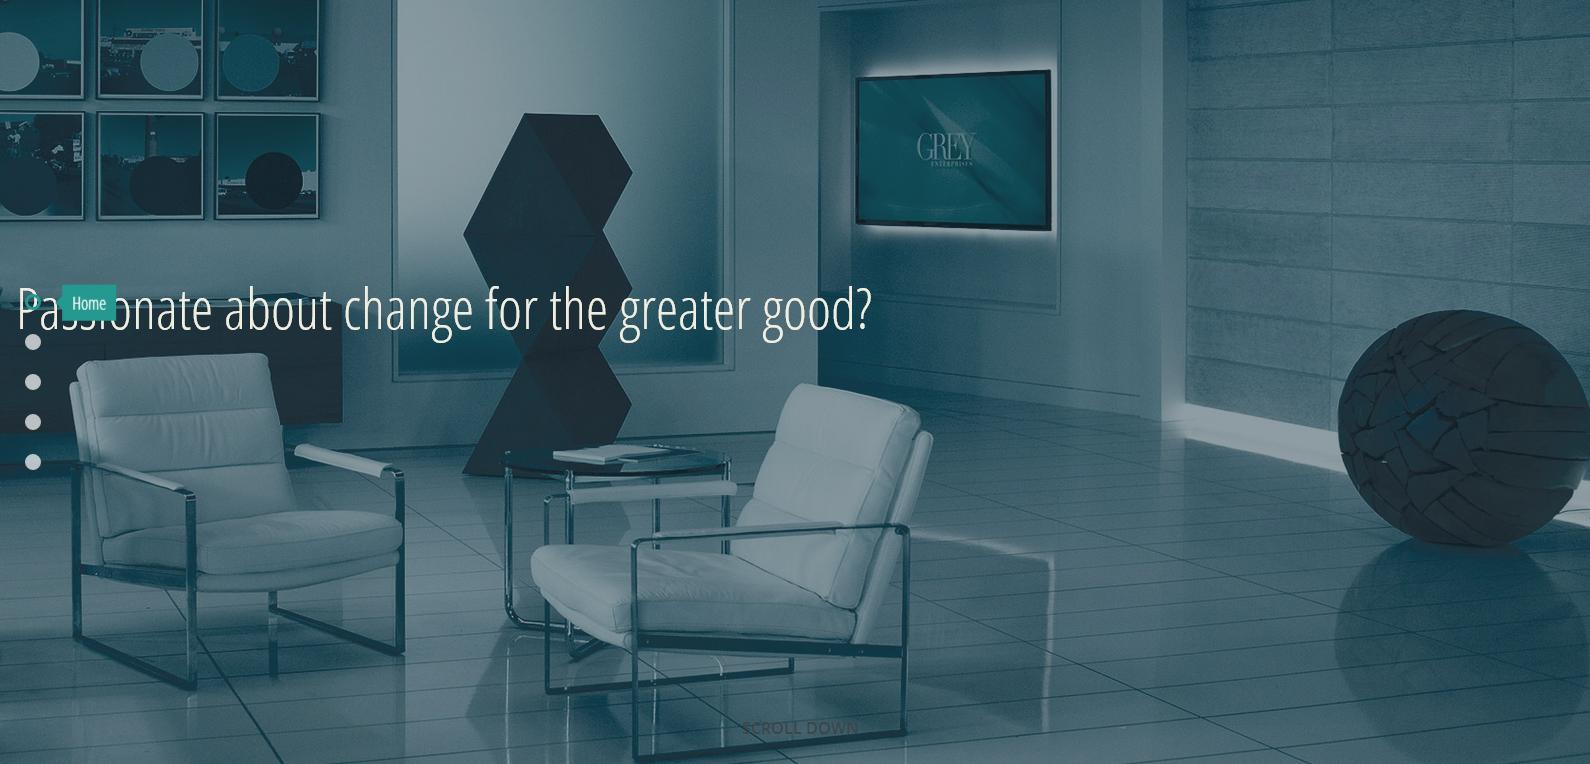 Grey enterprises web 3